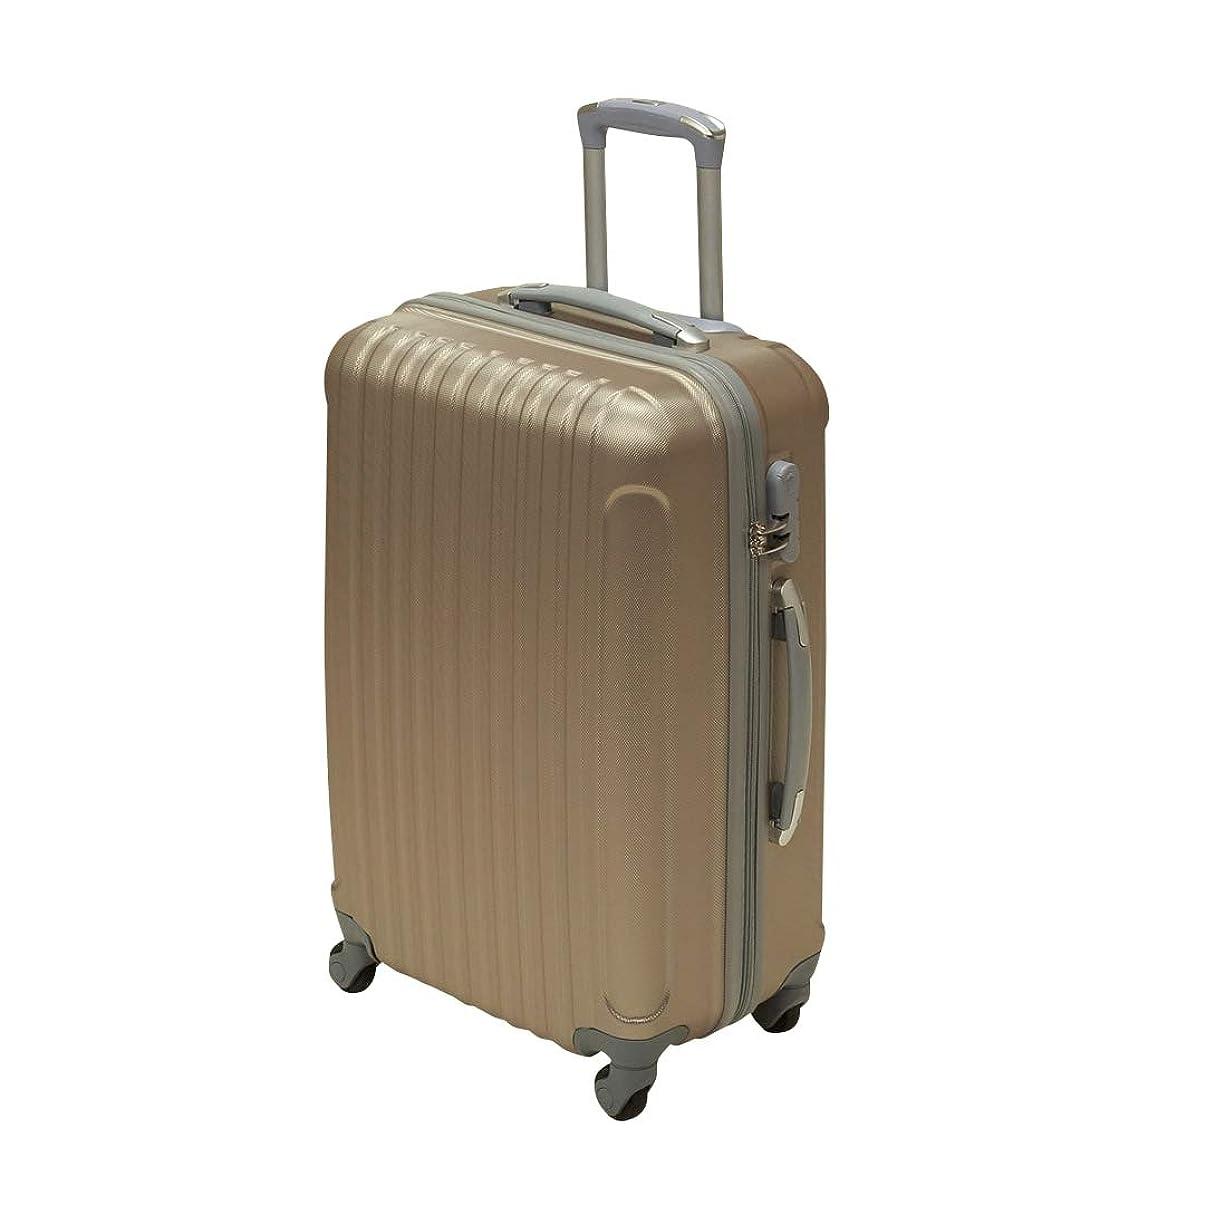 プラットフォーム倫理的ビバ[エース] スーツケース クレスタ エキスパンド機能付 06316 機内持込可 39L